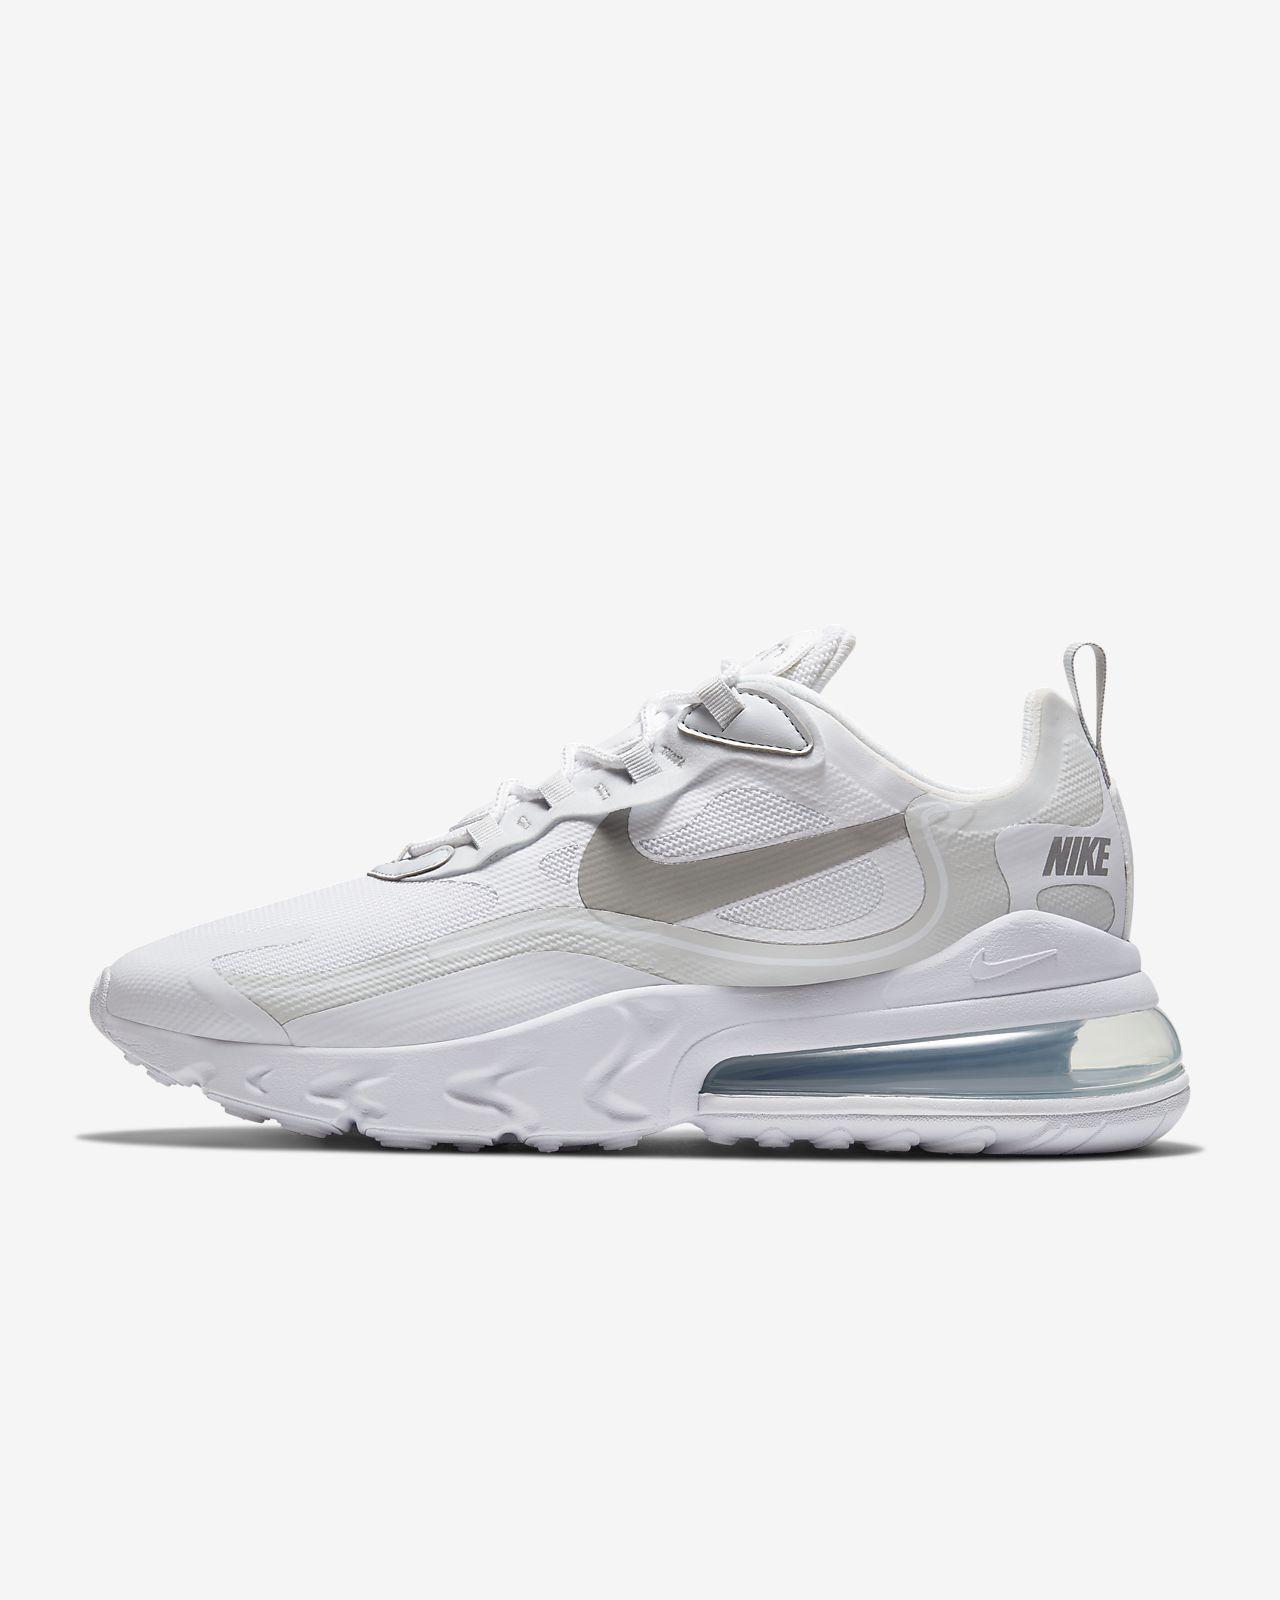 chaussure nike air max 270 blanche